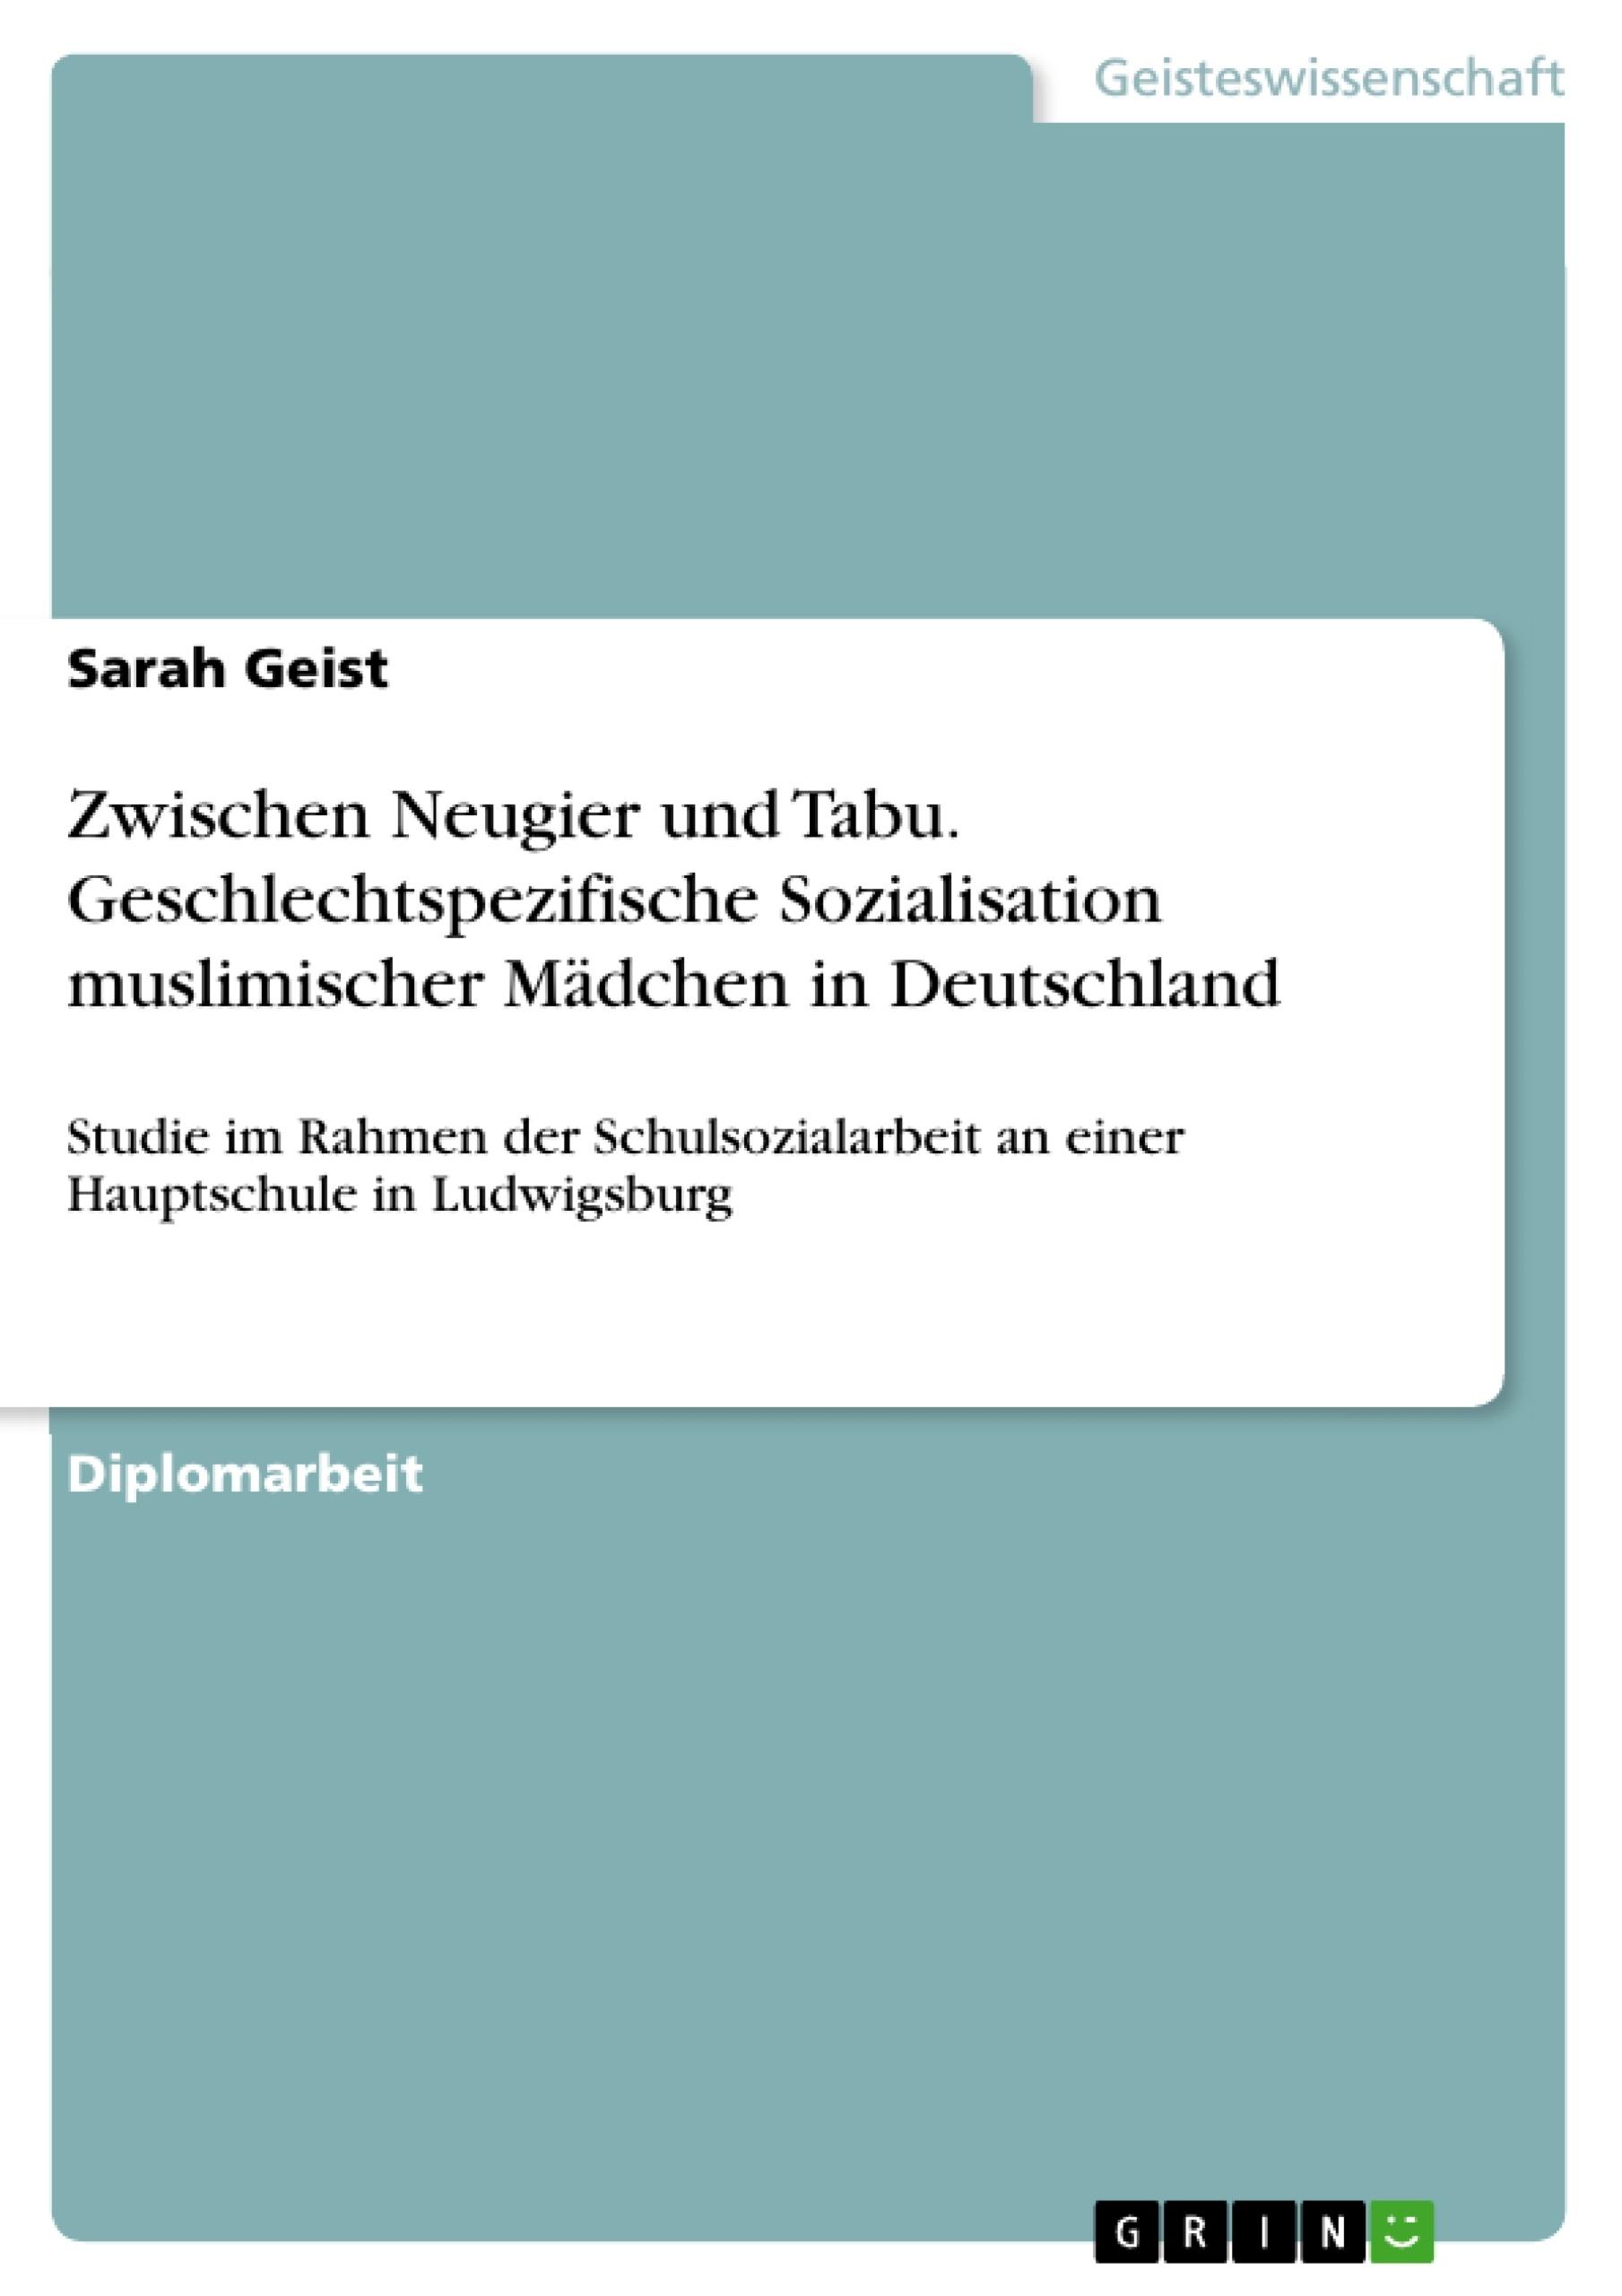 Titel: Zwischen Neugier und Tabu. Geschlechtspezifische Sozialisation muslimischer Mädchen in Deutschland